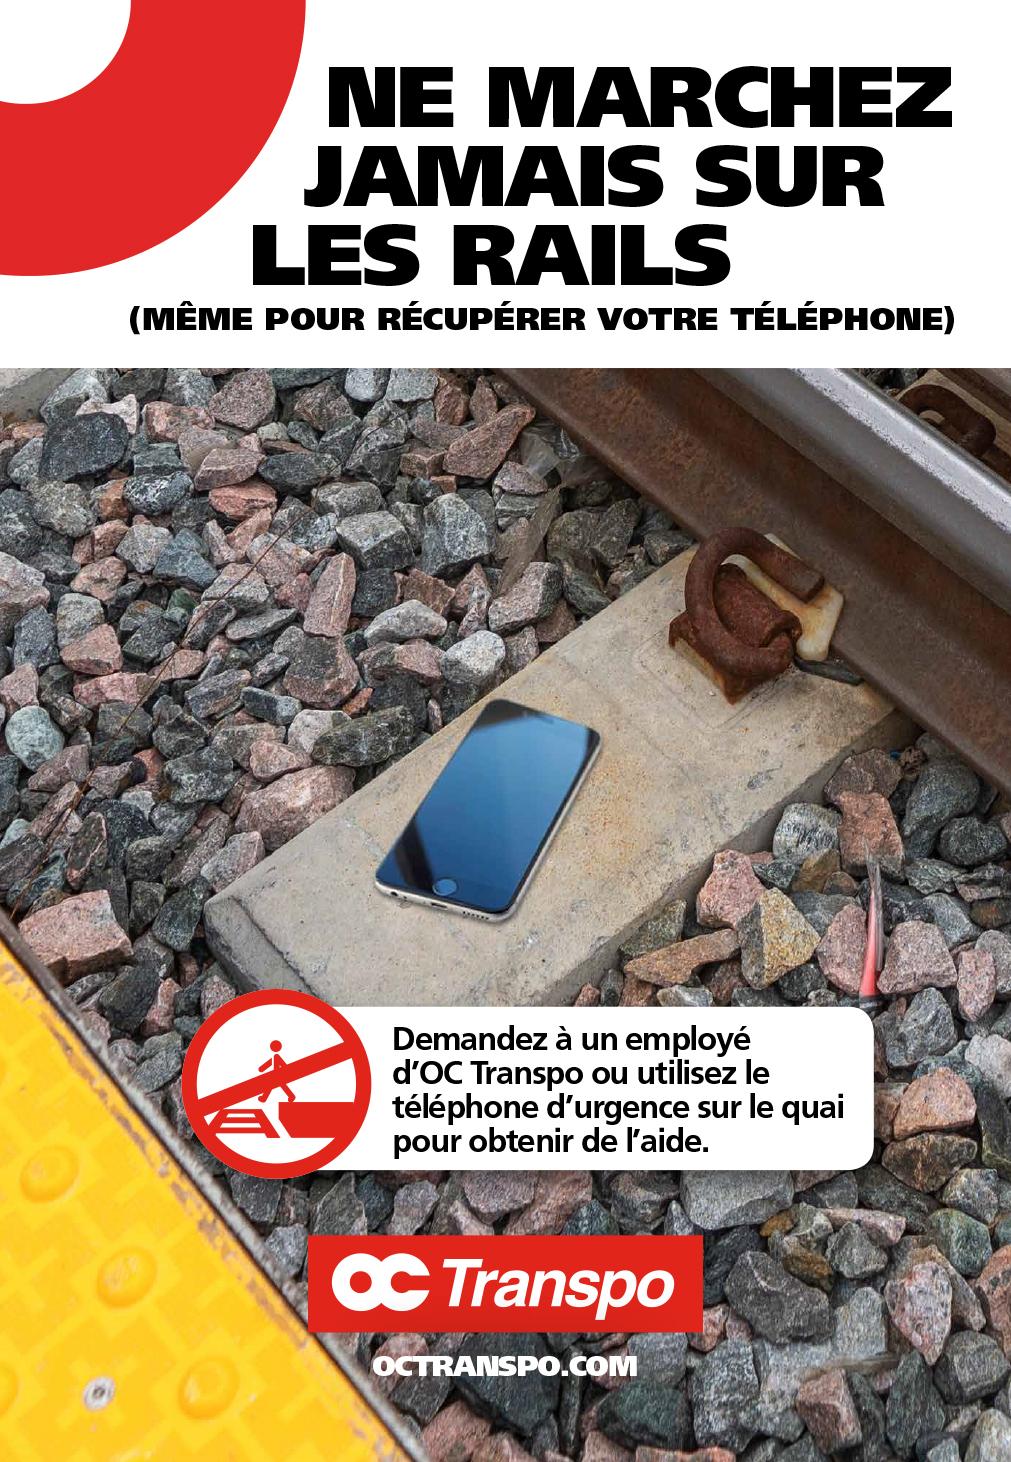 Un téléphone sur les rails. Texte sur l'image : Ne marchez jamais sur les rails (même pour récupérer votre téléphone)